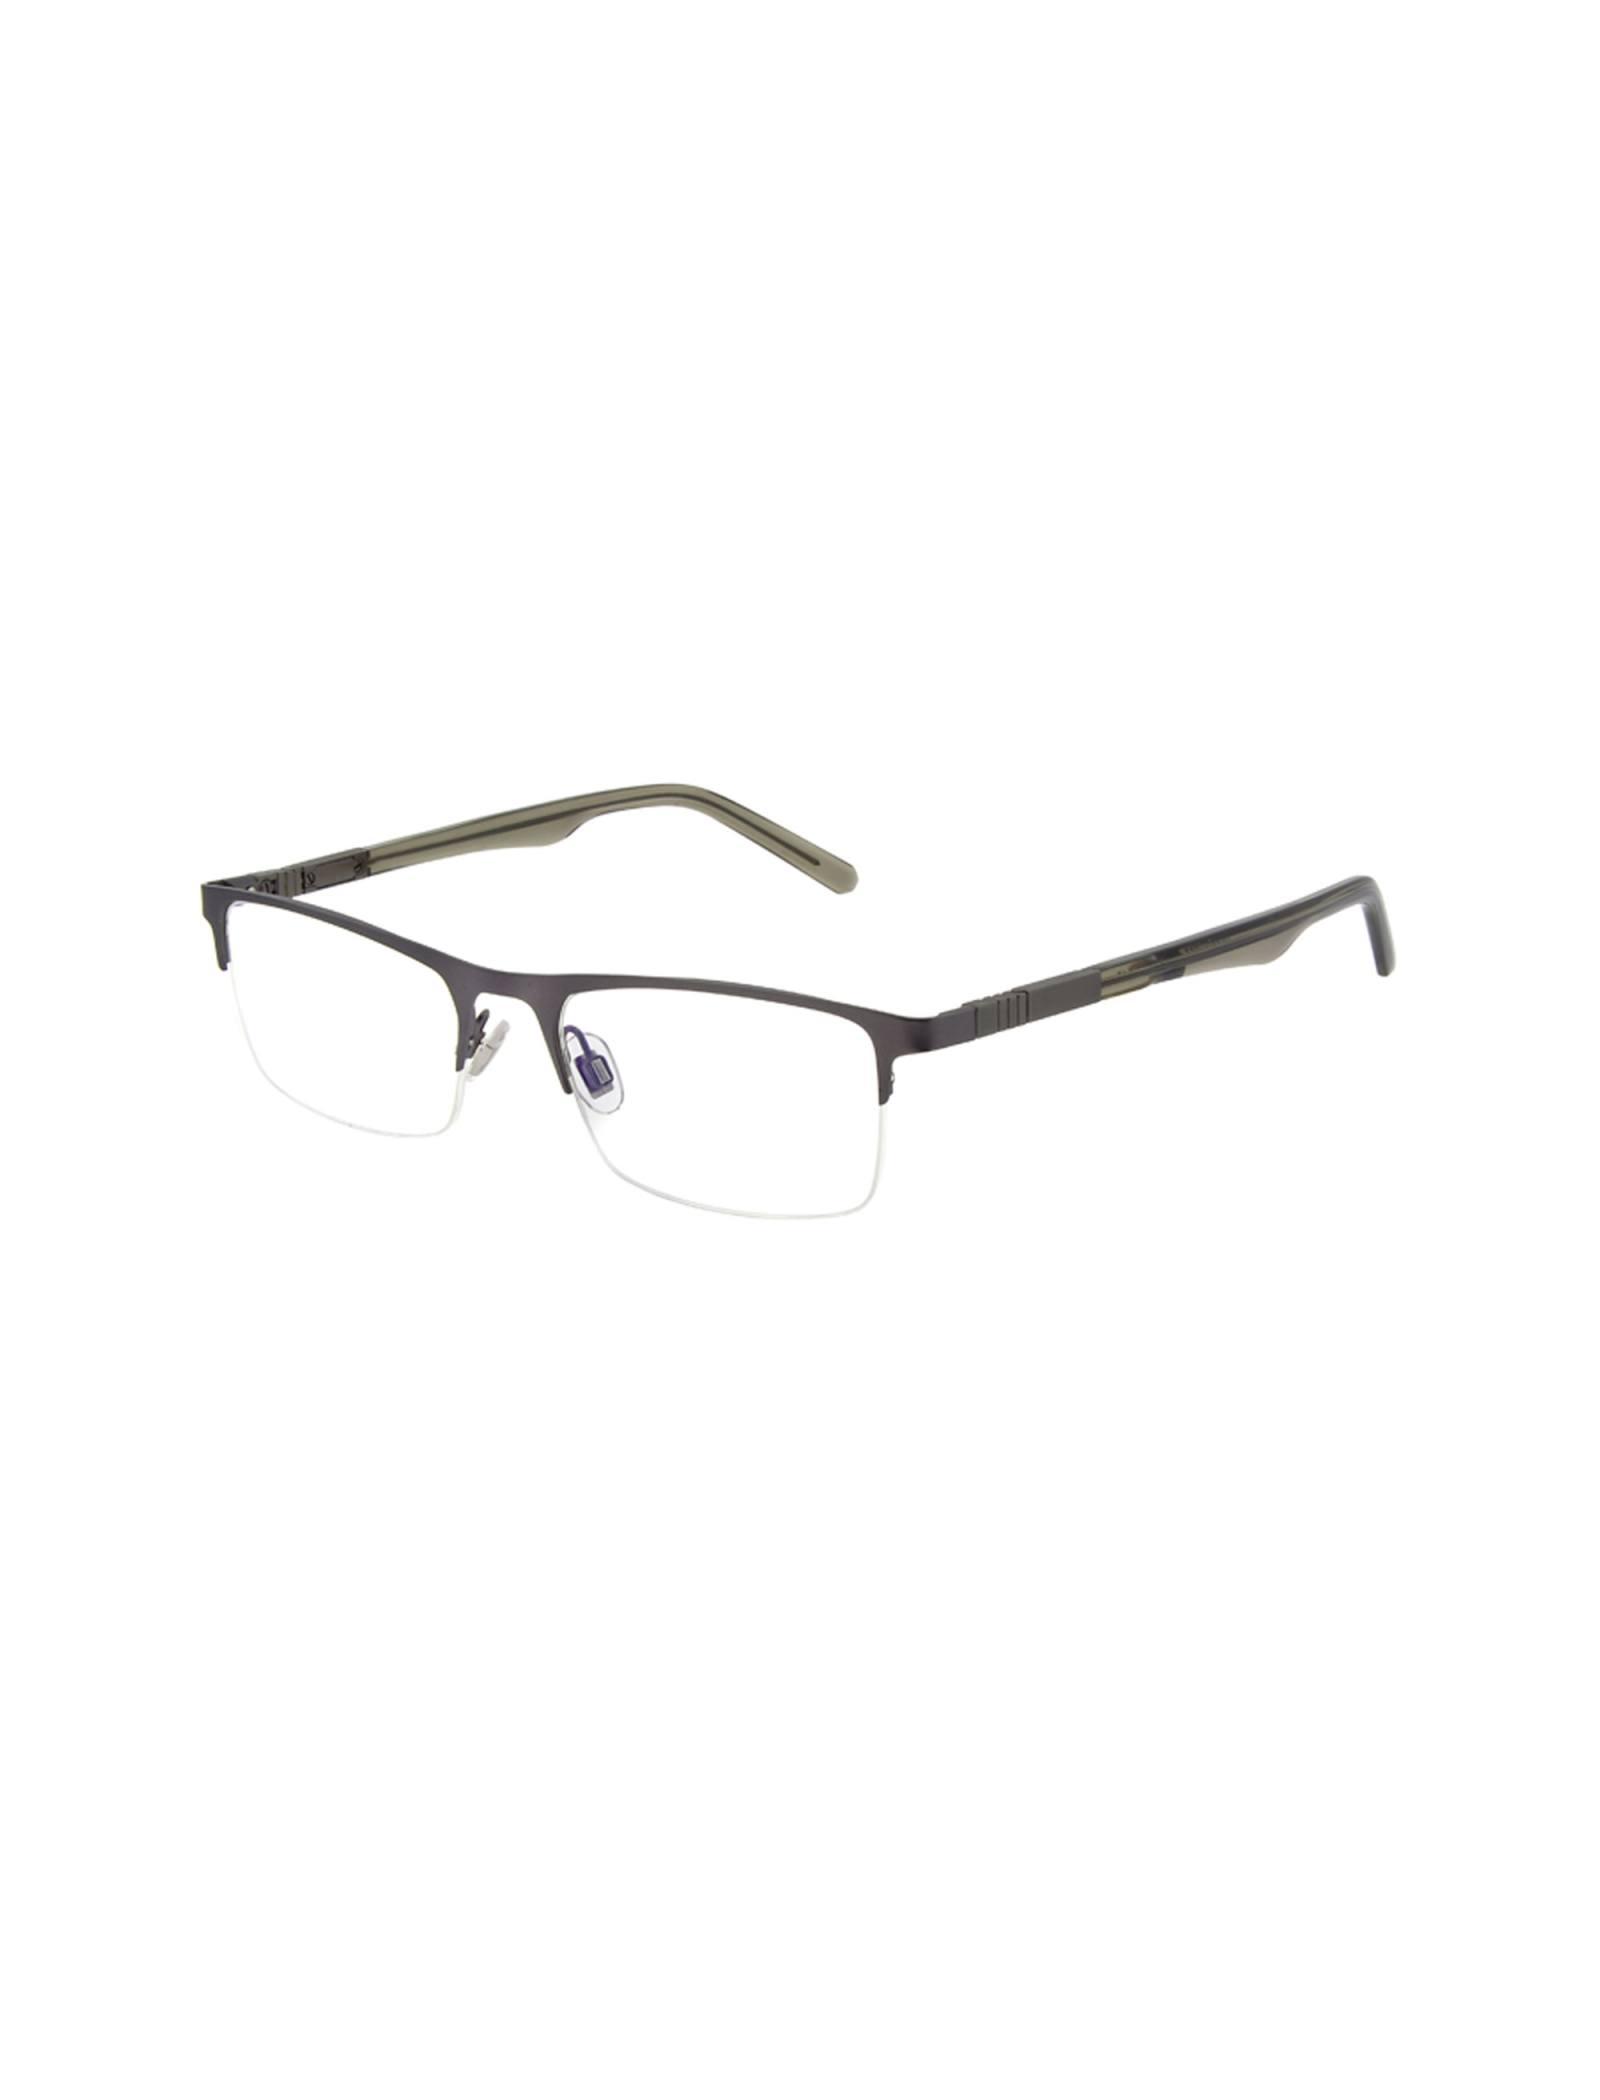 عینک طبی مستطیلی مردانه - اسپاین - طوسي - 1